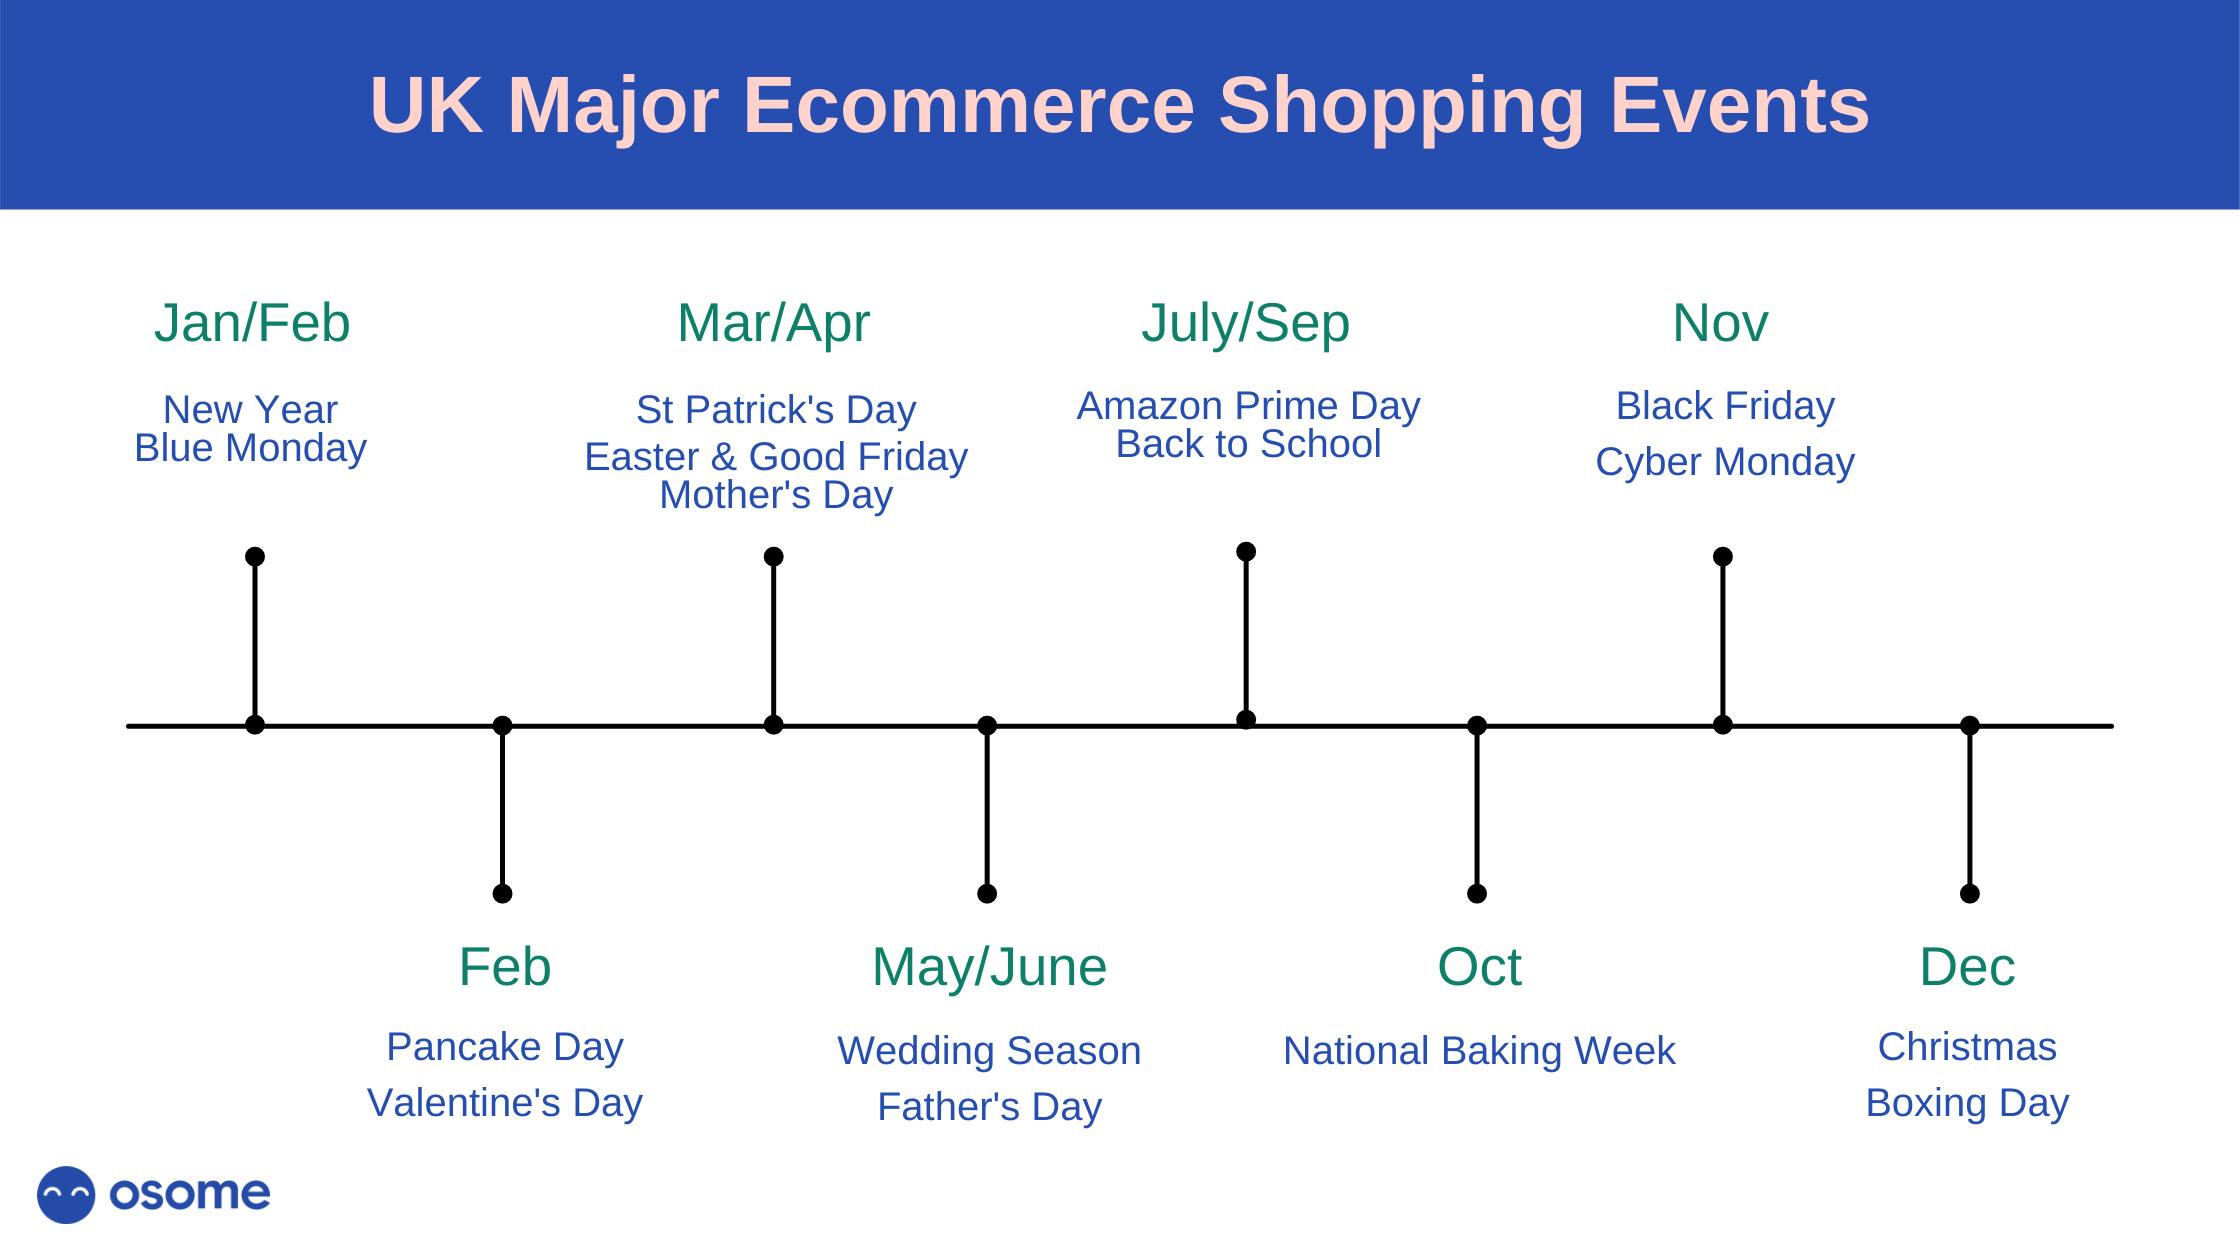 UK Major Ecommerce Shopping Events